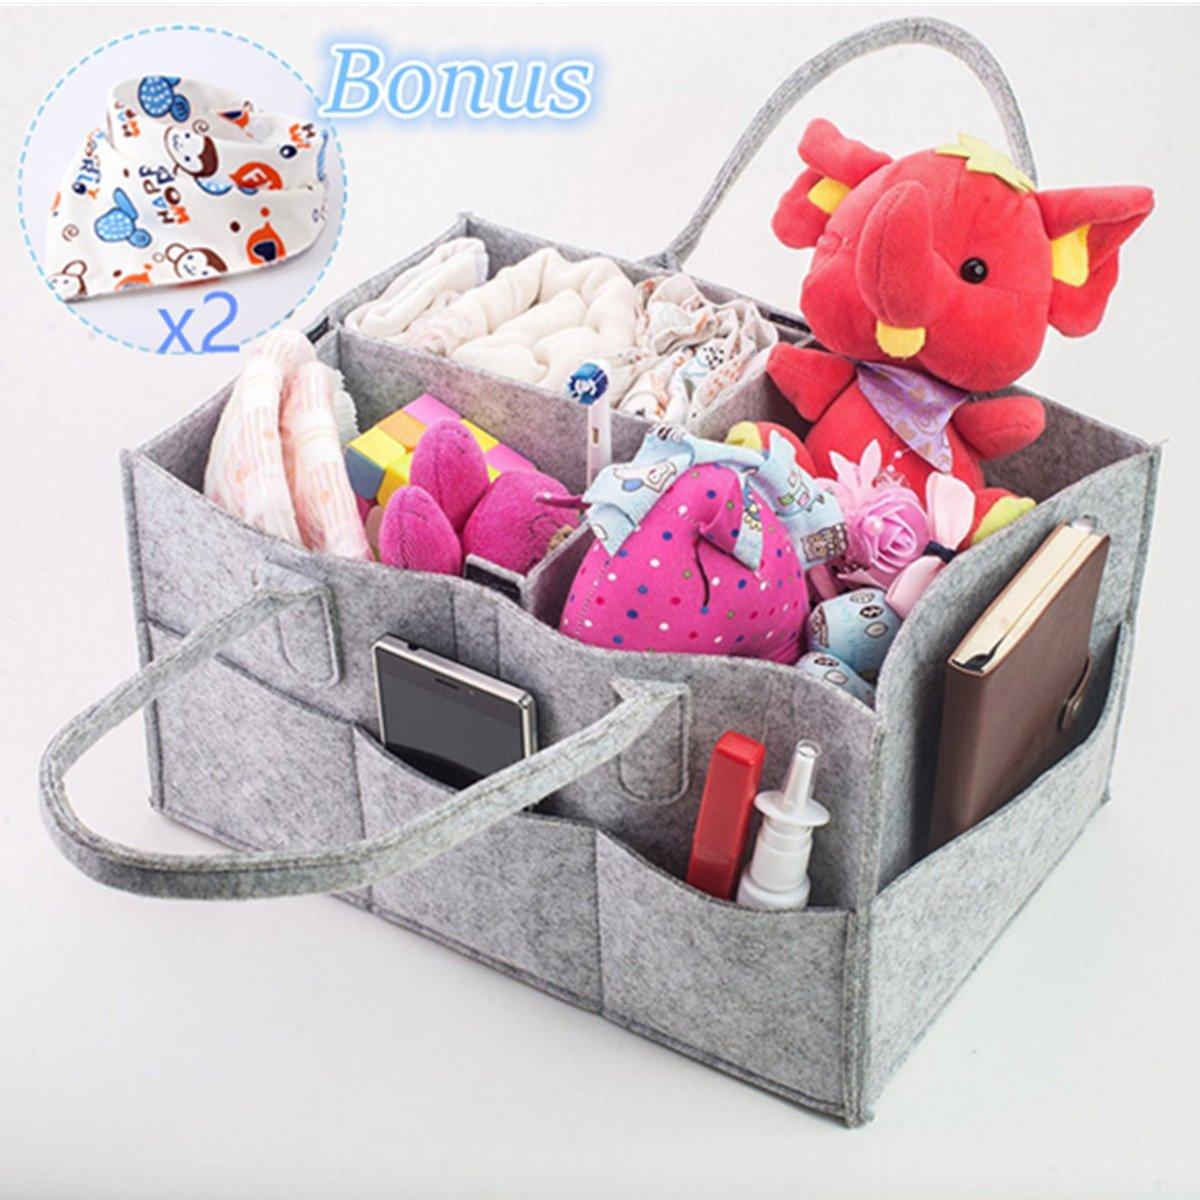 Baby Diaper Caddy Organizer Nursery Storage Bag para pañales, toallitas y juguetes. Portable Diaper Caddy con compartimentos intercambiables. Bonificación: 2 baberos Drool aleatorios Cozone